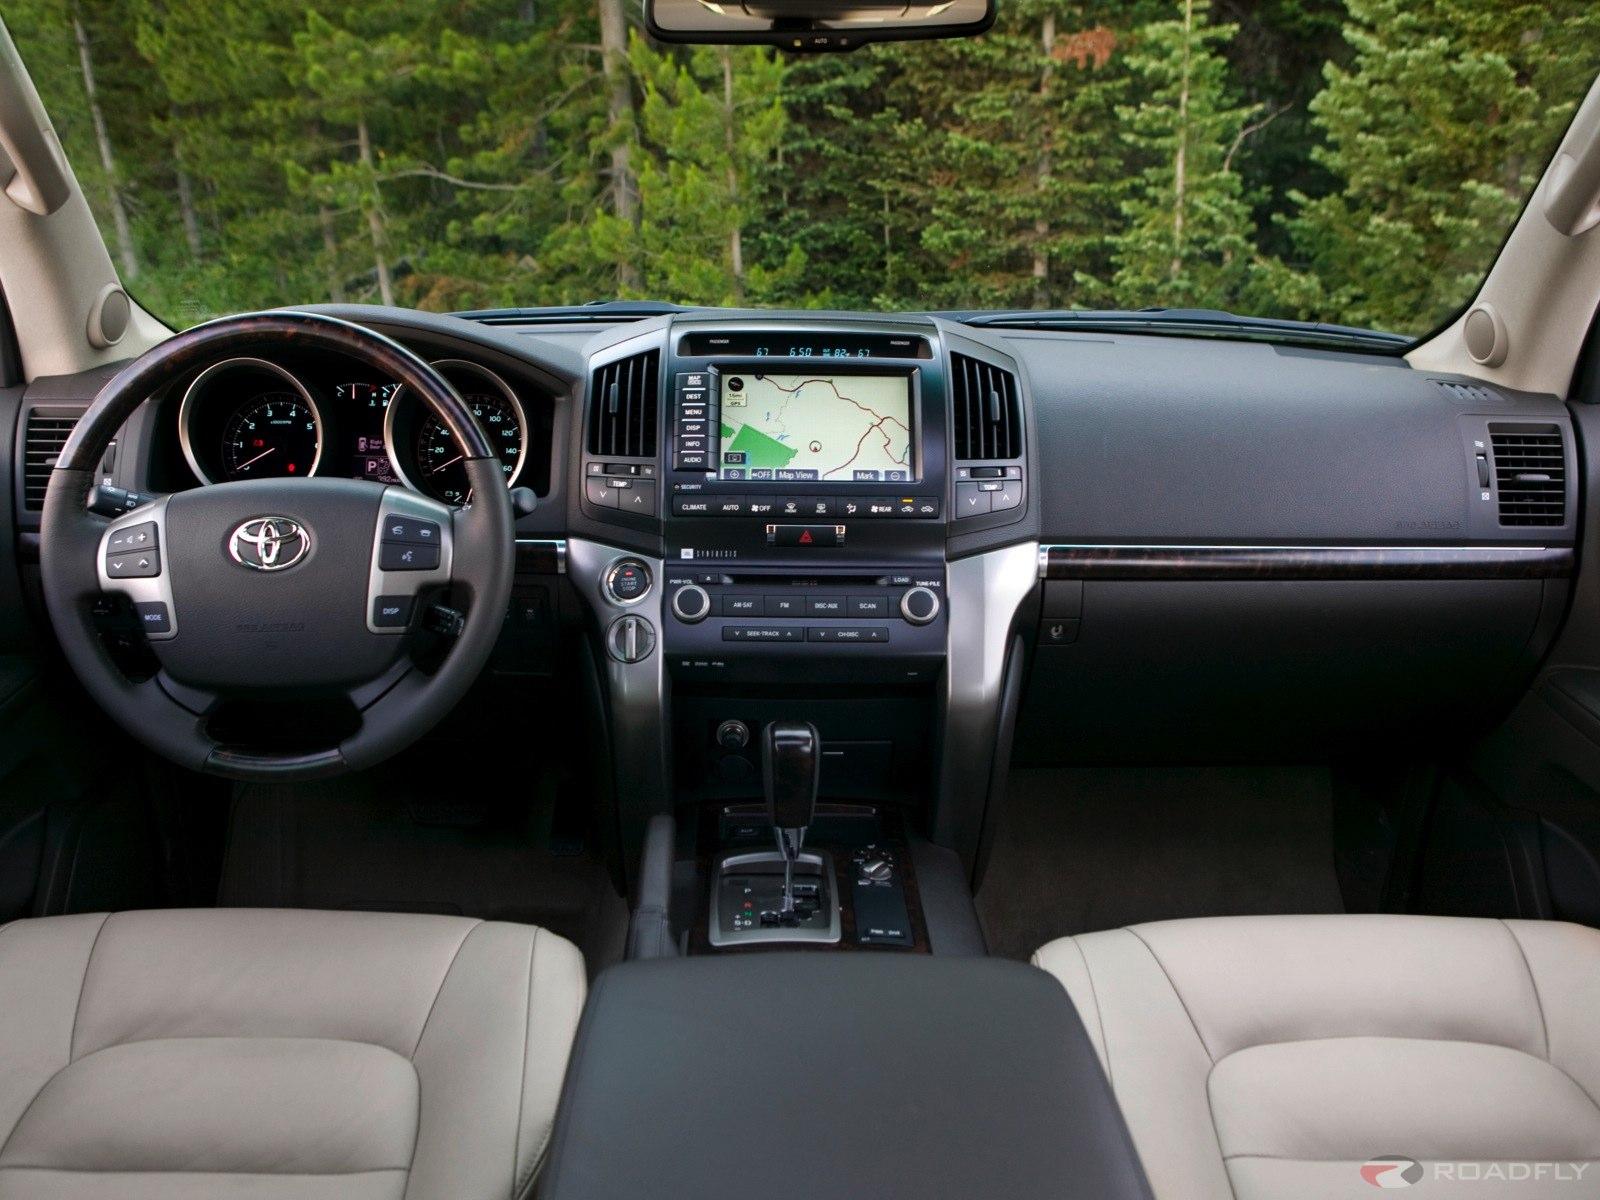 Toyota Interior Car Models